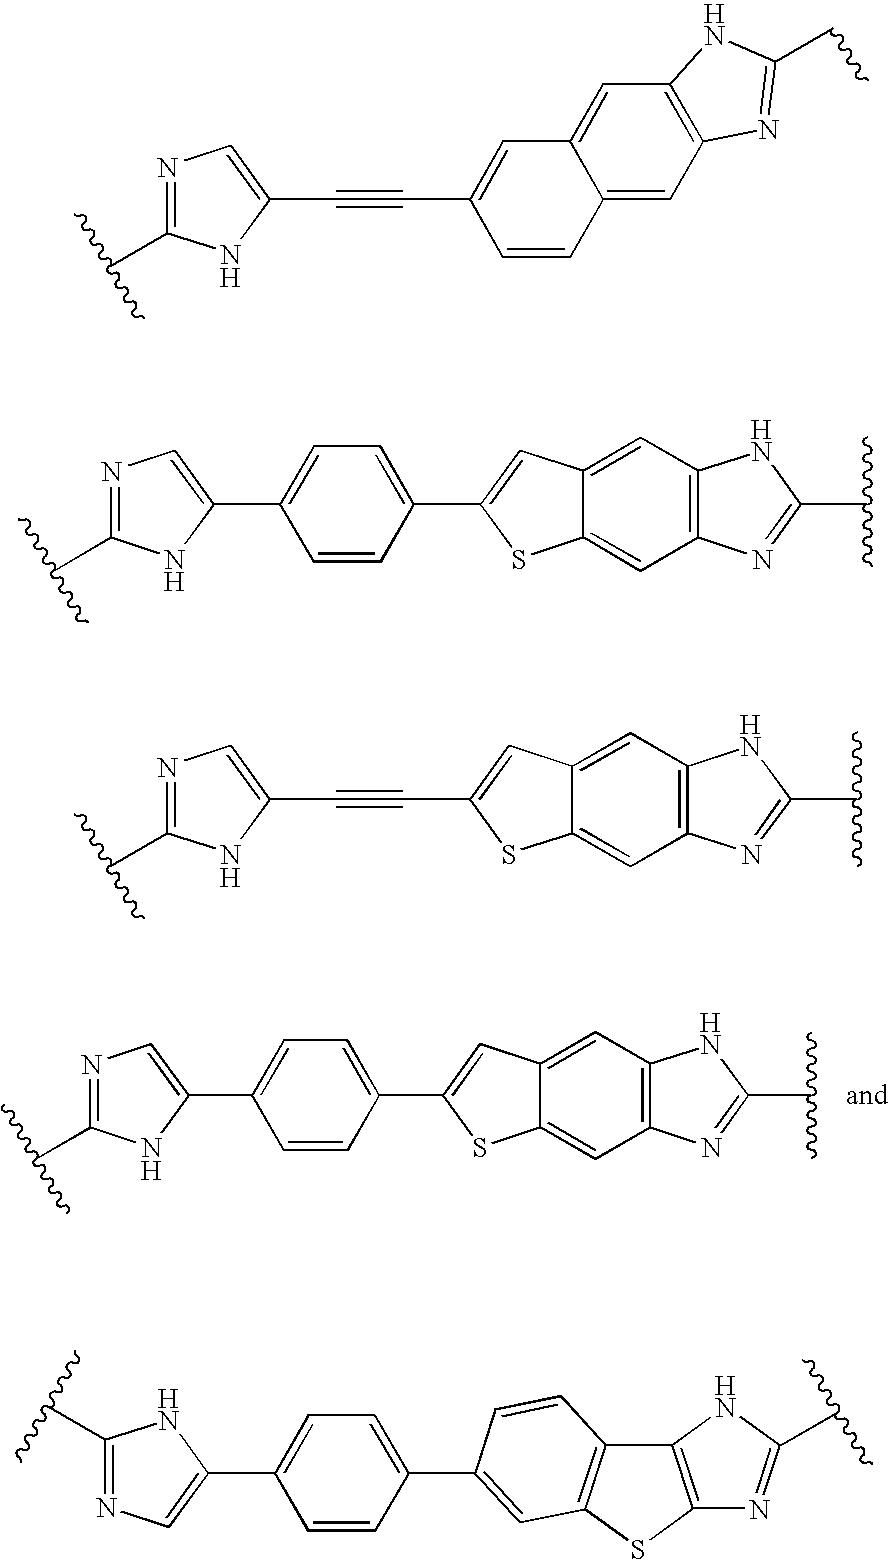 Figure US08088368-20120103-C00315